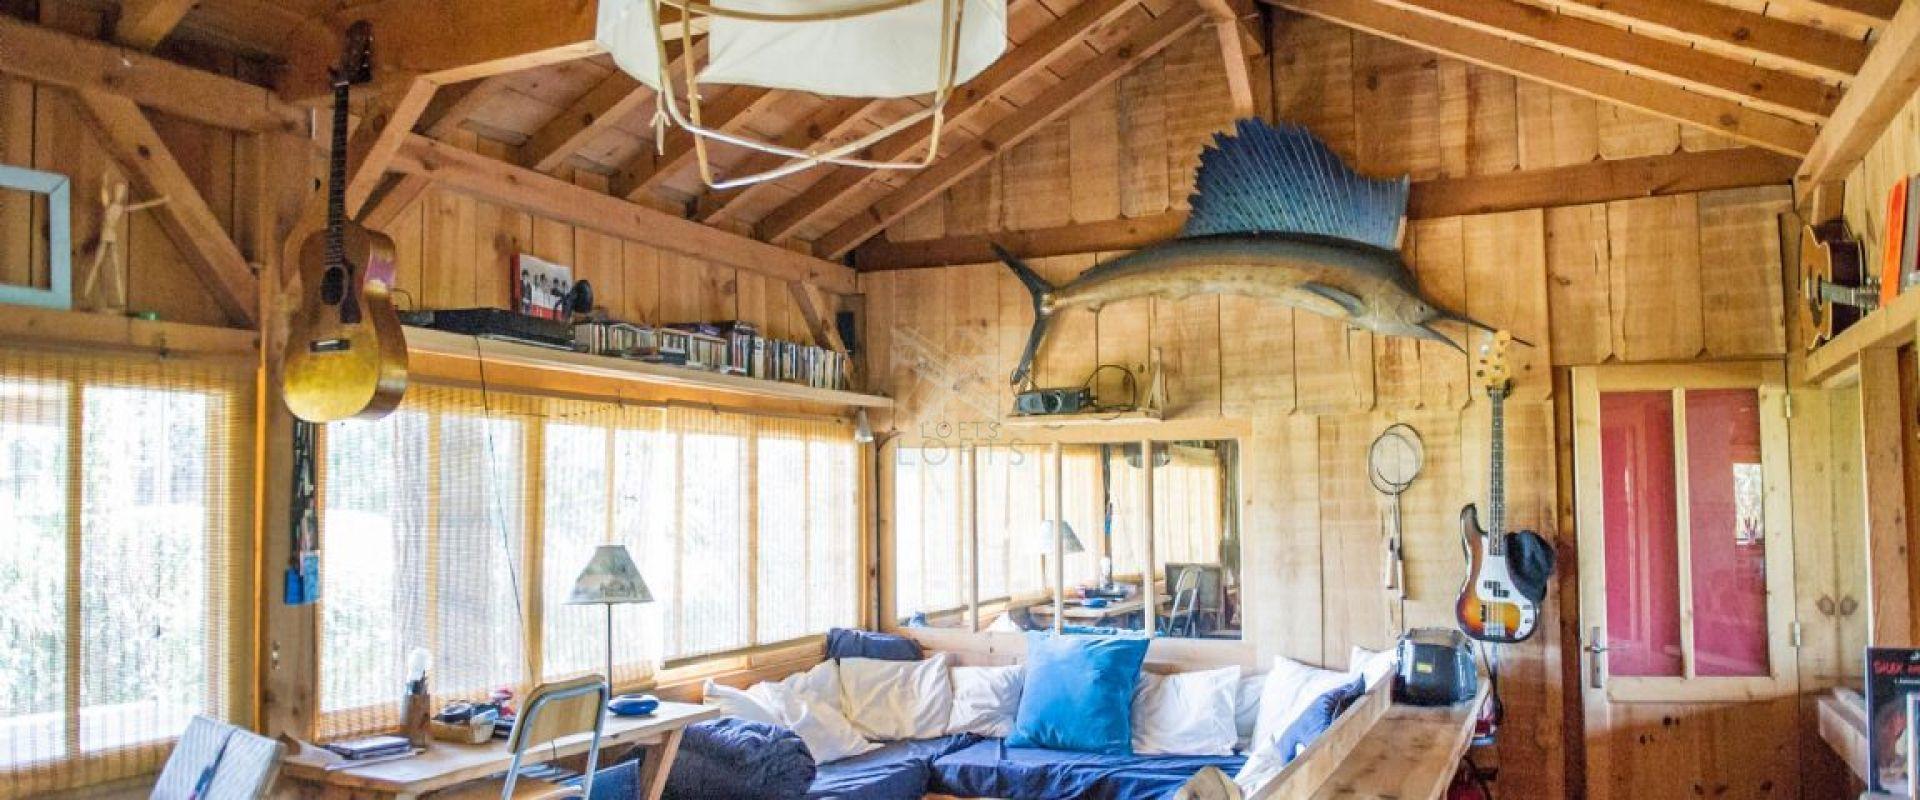 Cabane en bois bartherotte